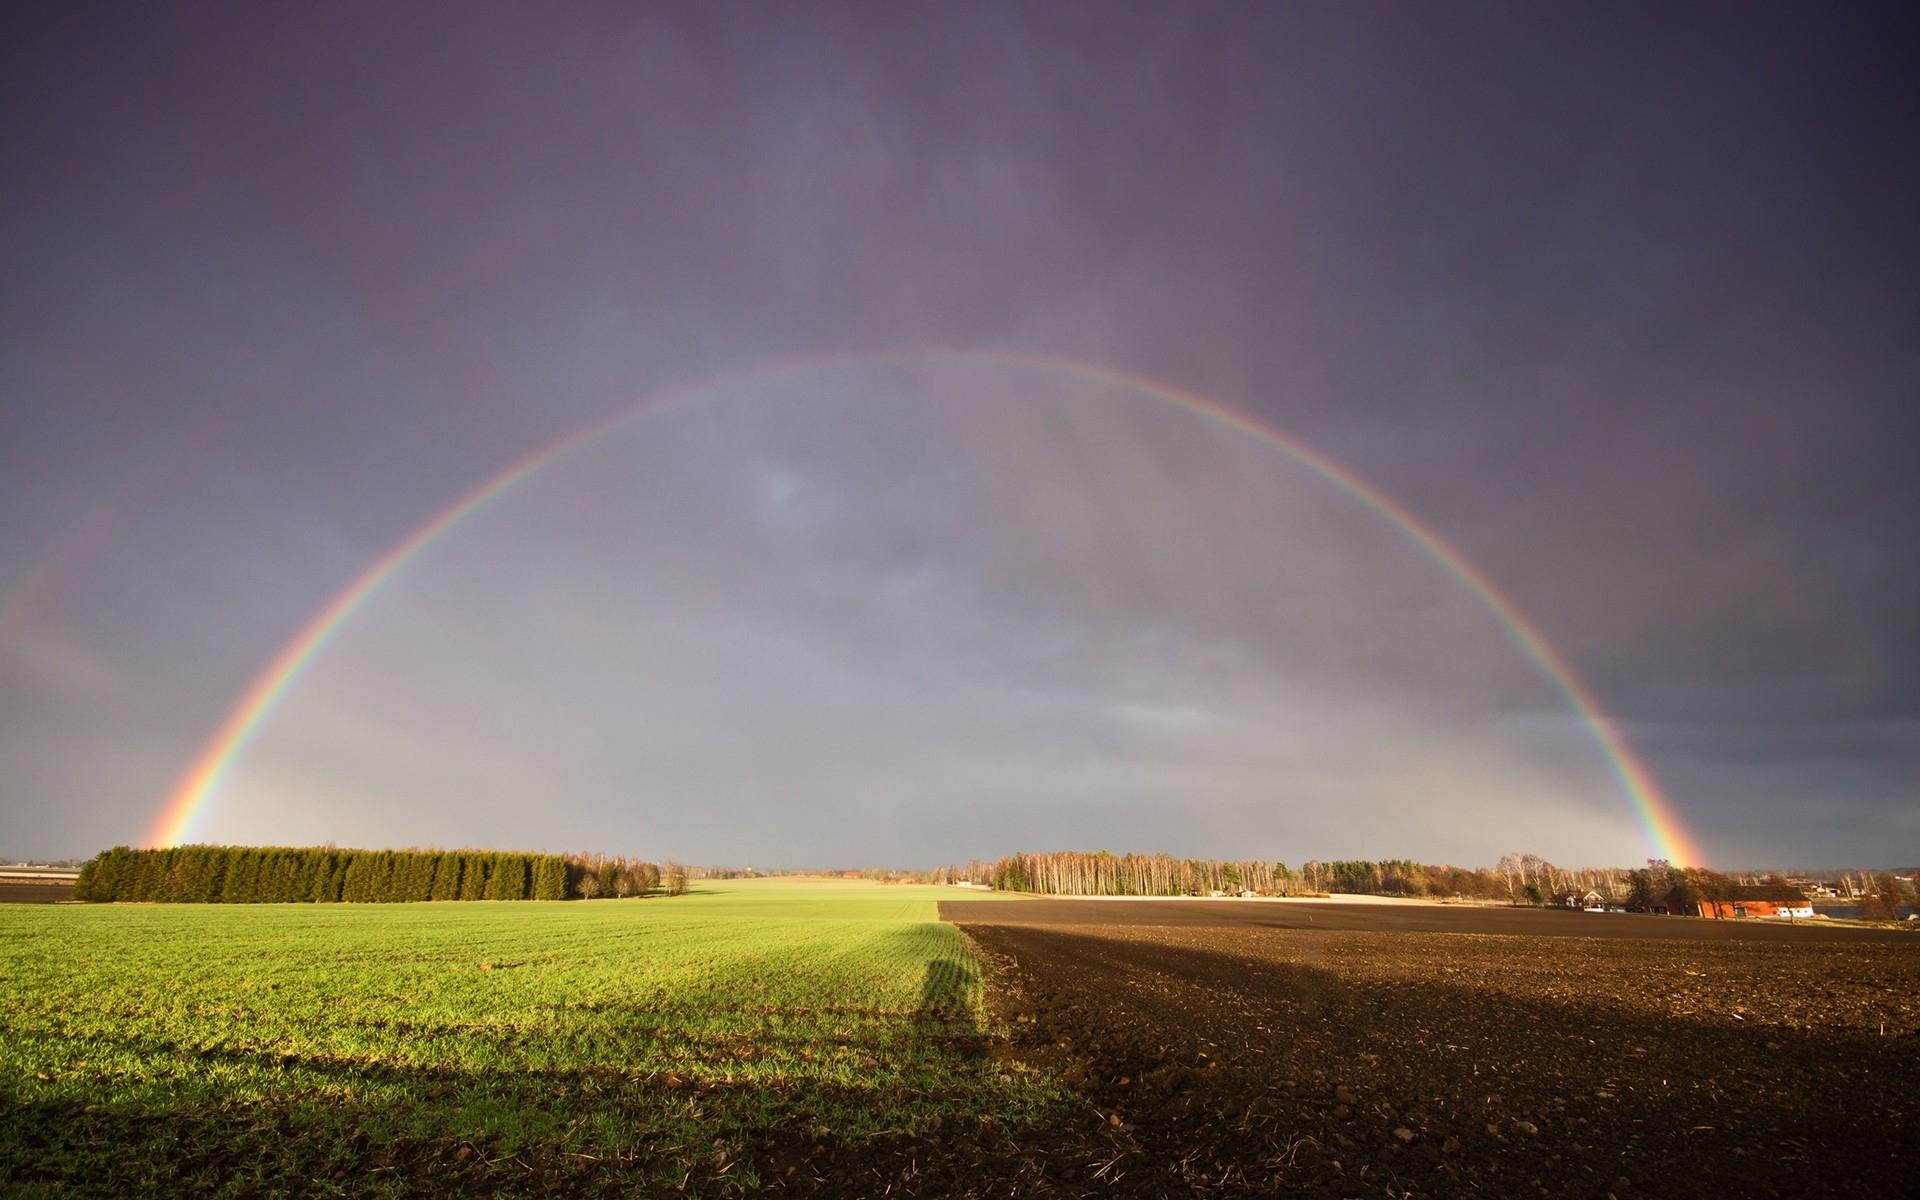 Картинка поле с радугой